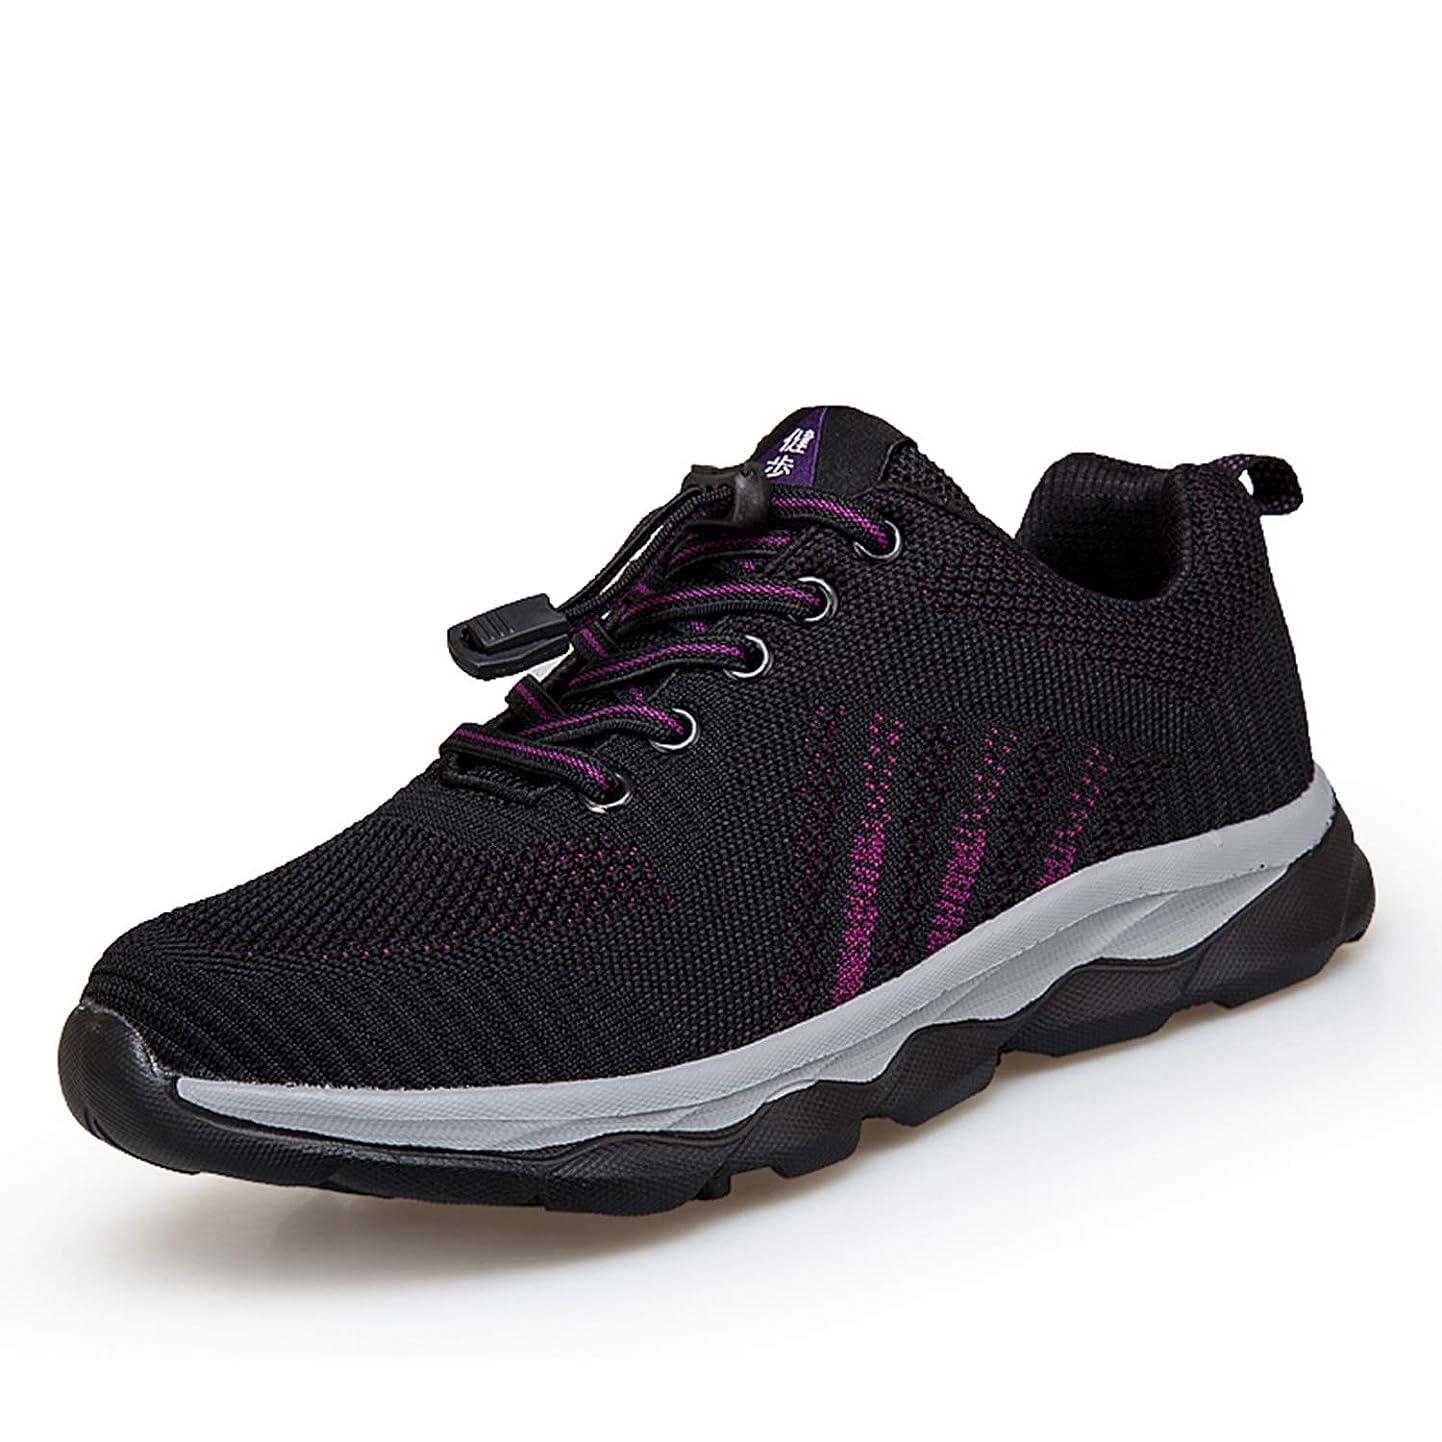 過半数お金許さない安全靴メンズ/レディーズニットクライミングシューズ作業靴軽量ウオーキングシューズ通気通勤作業大きいサイズ滑りにくい外反母趾レースアップ無地スニーカーパープル23.5cmで